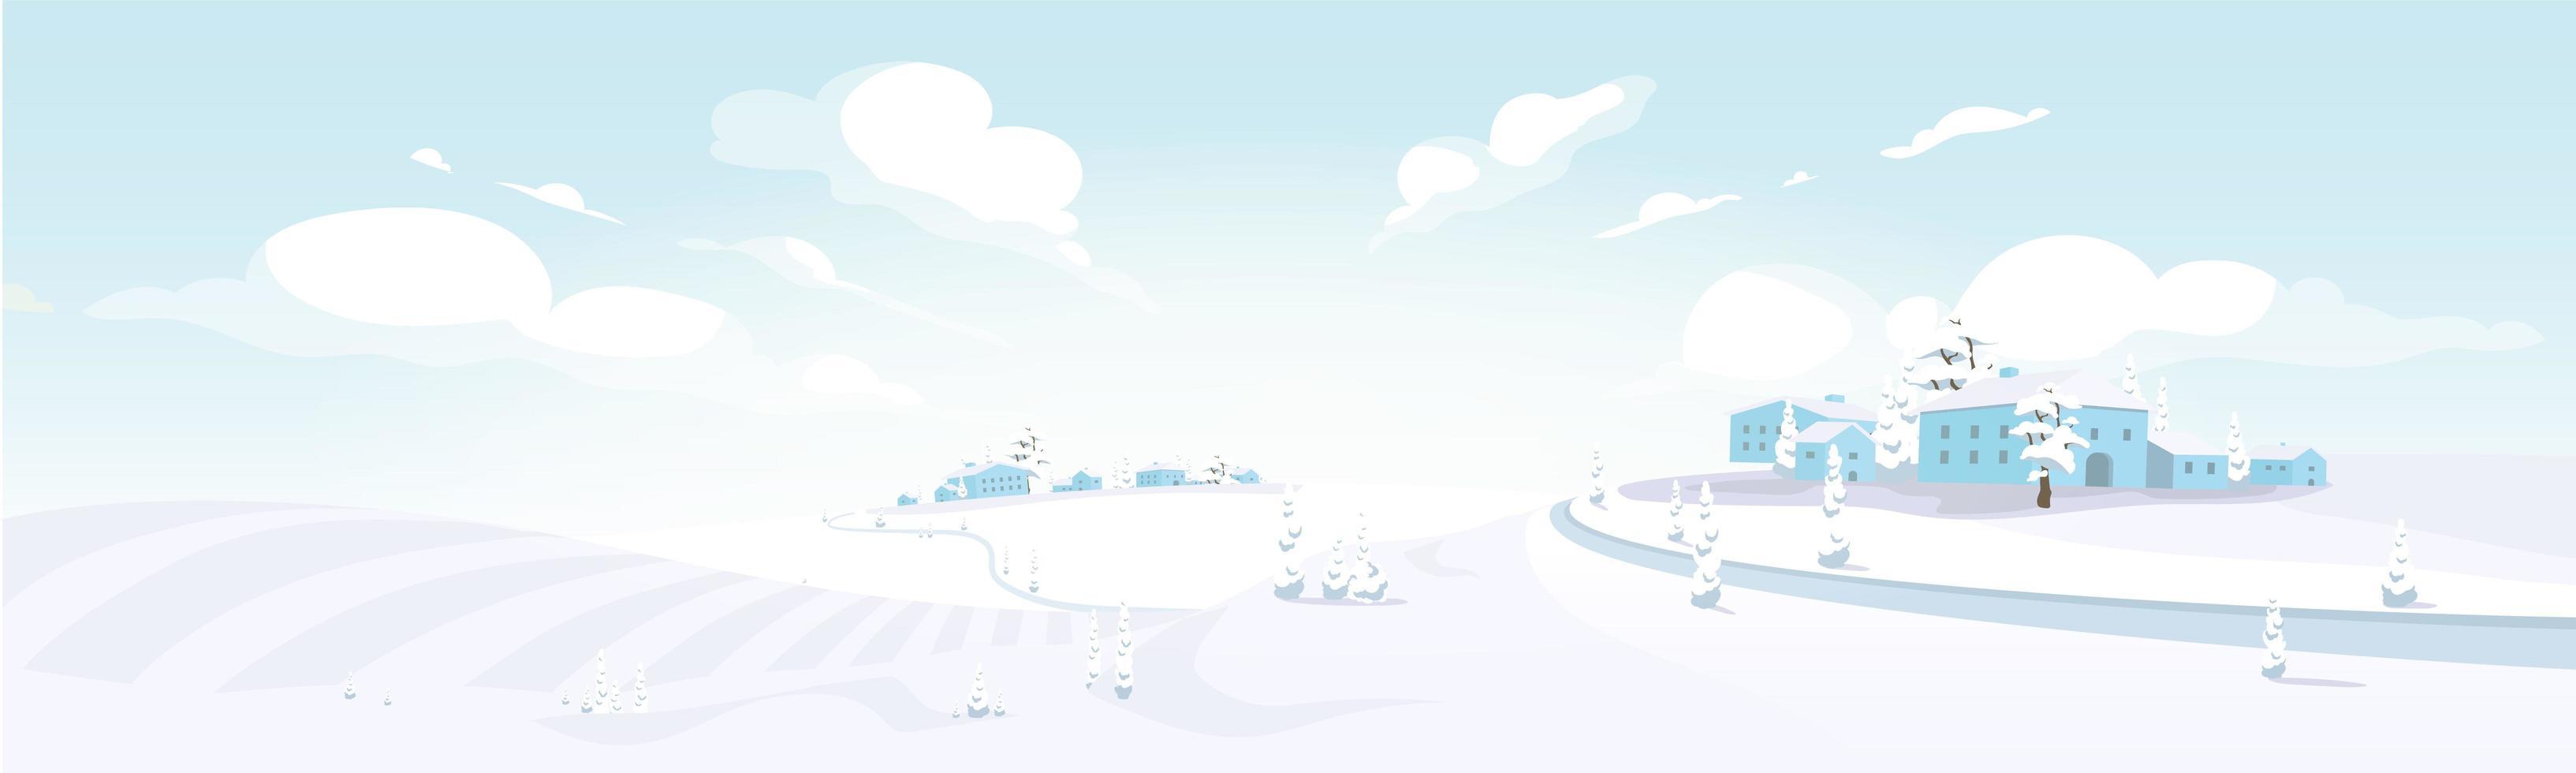 inverno in toscana vettore